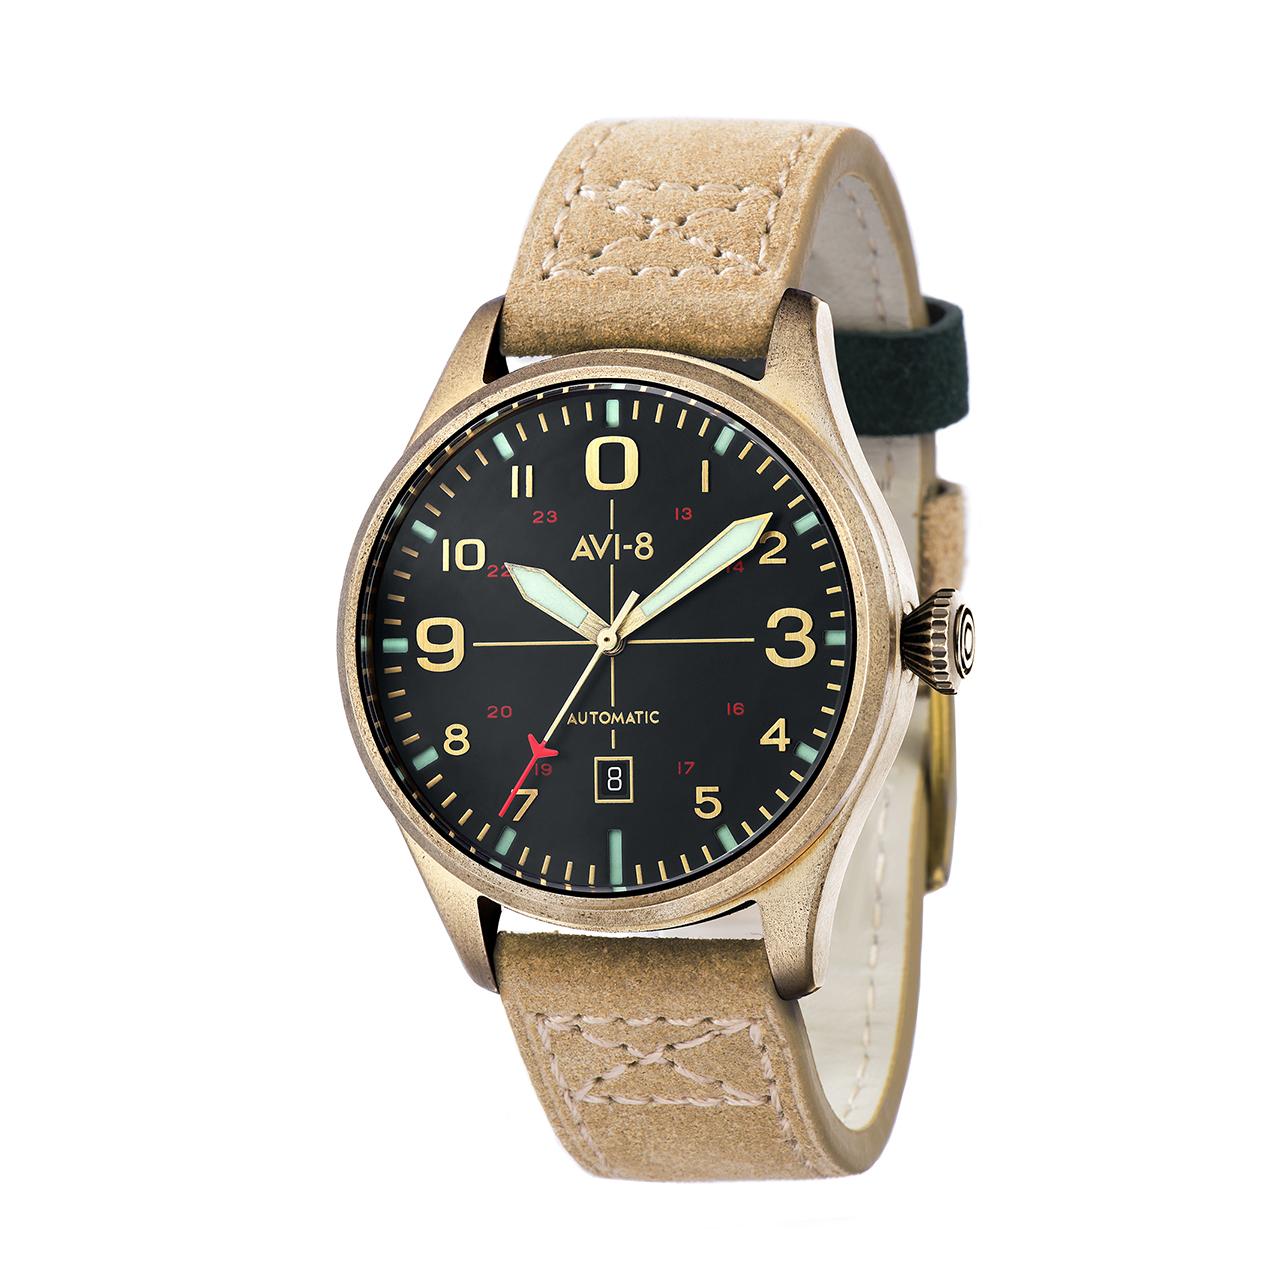 ساعت مچی عقربه ای مردانه ای وی-8 مدل AV-4042-01 55